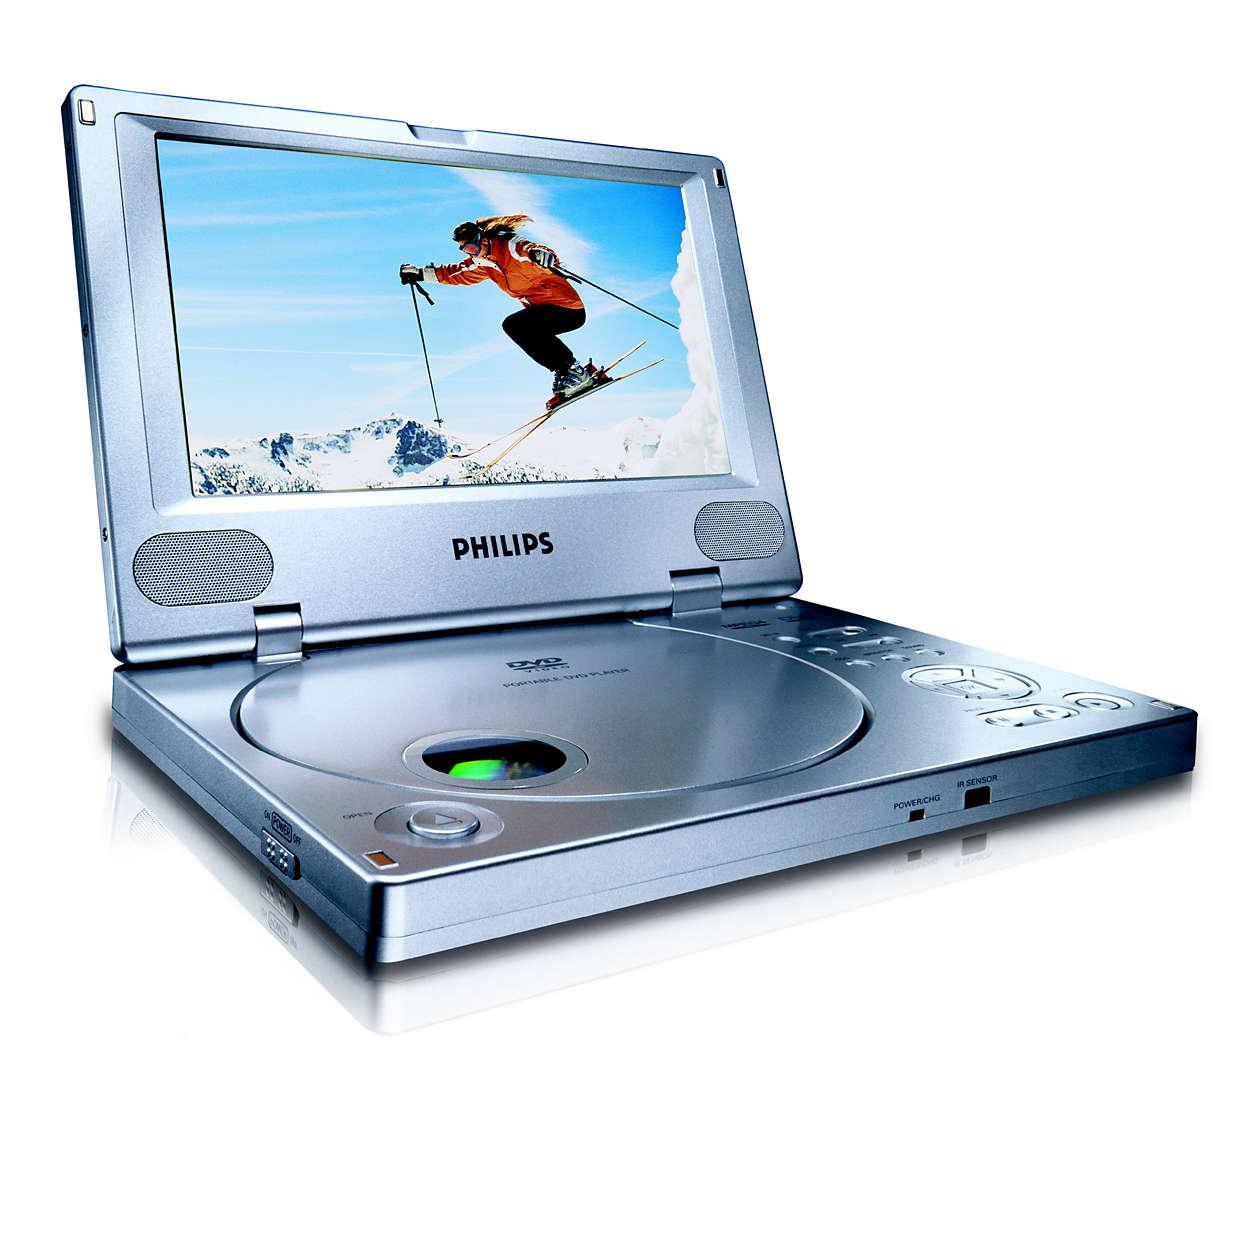 Užijte si DVD a digitální videa na cestách